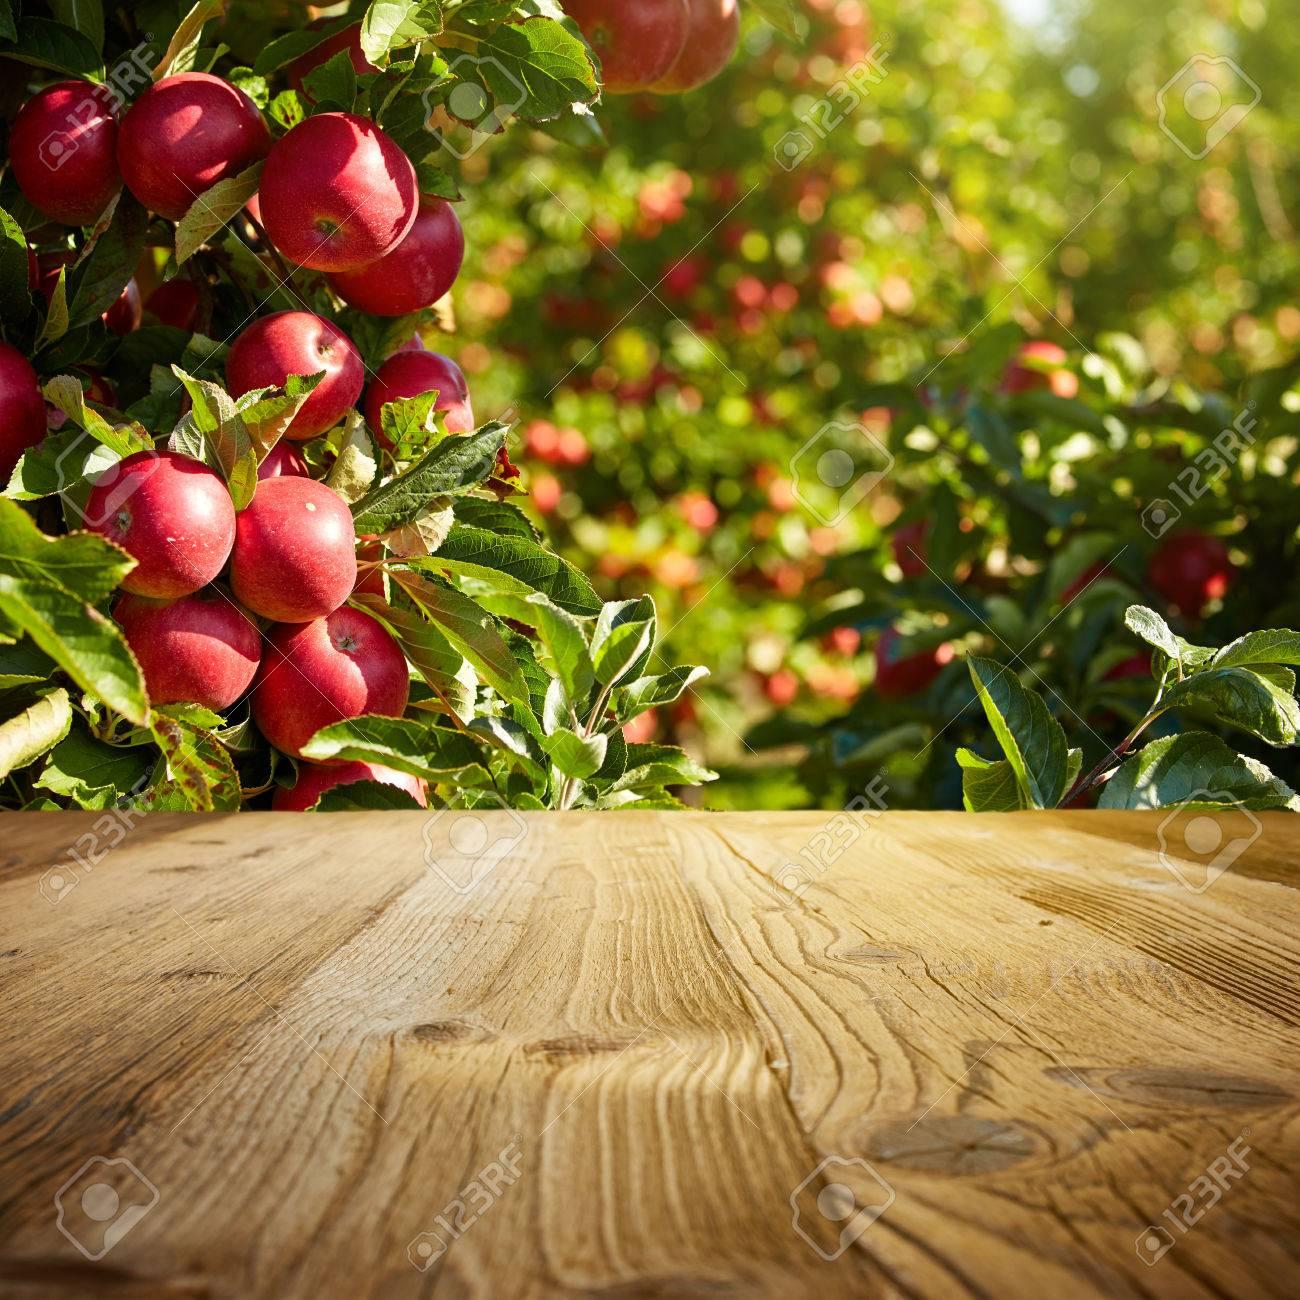 autumn apple orchard background - 46374535